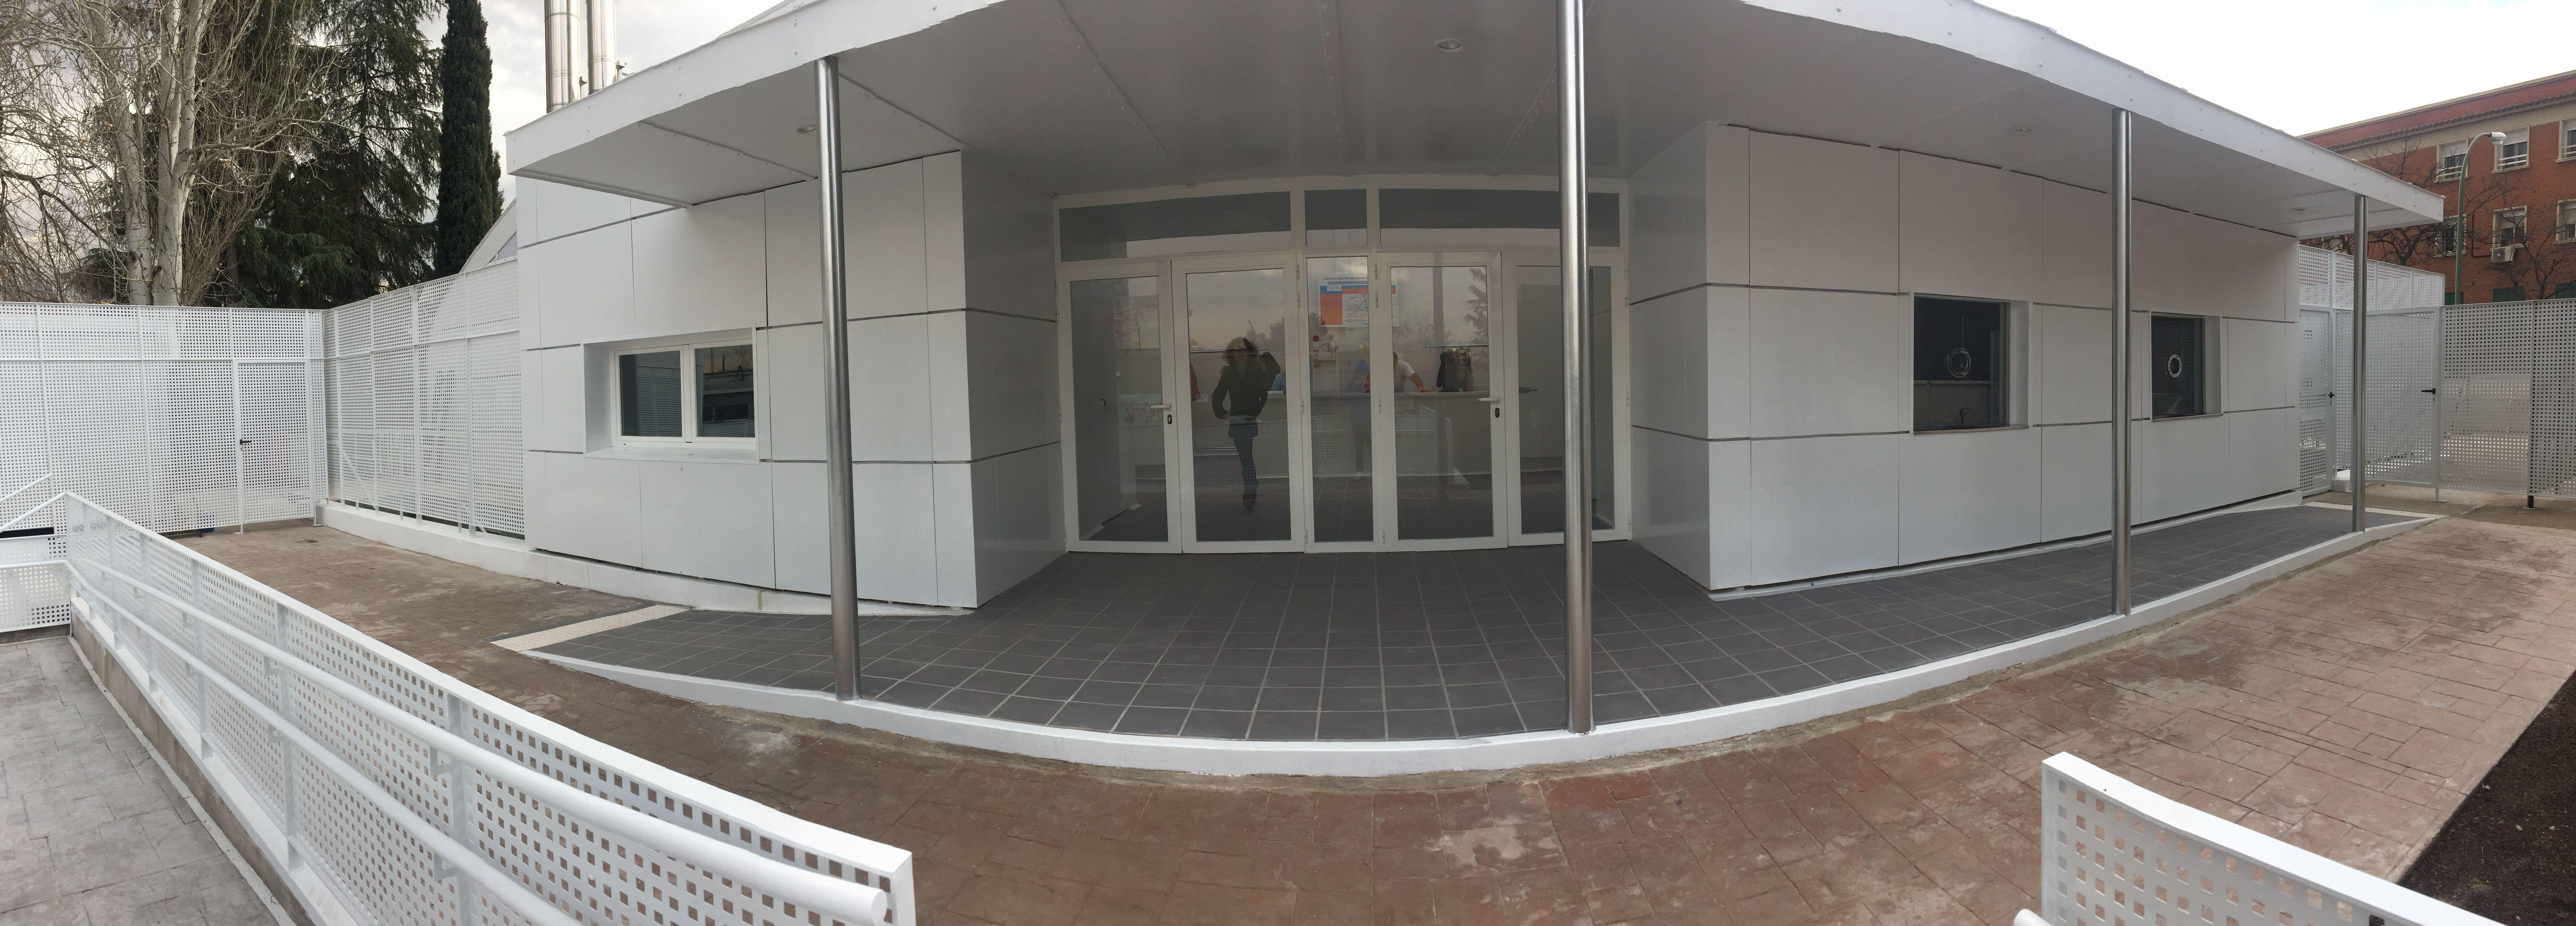 Foto 5 de Piscinas de uso público en Madrid | Club Natación Madrid Moscardó